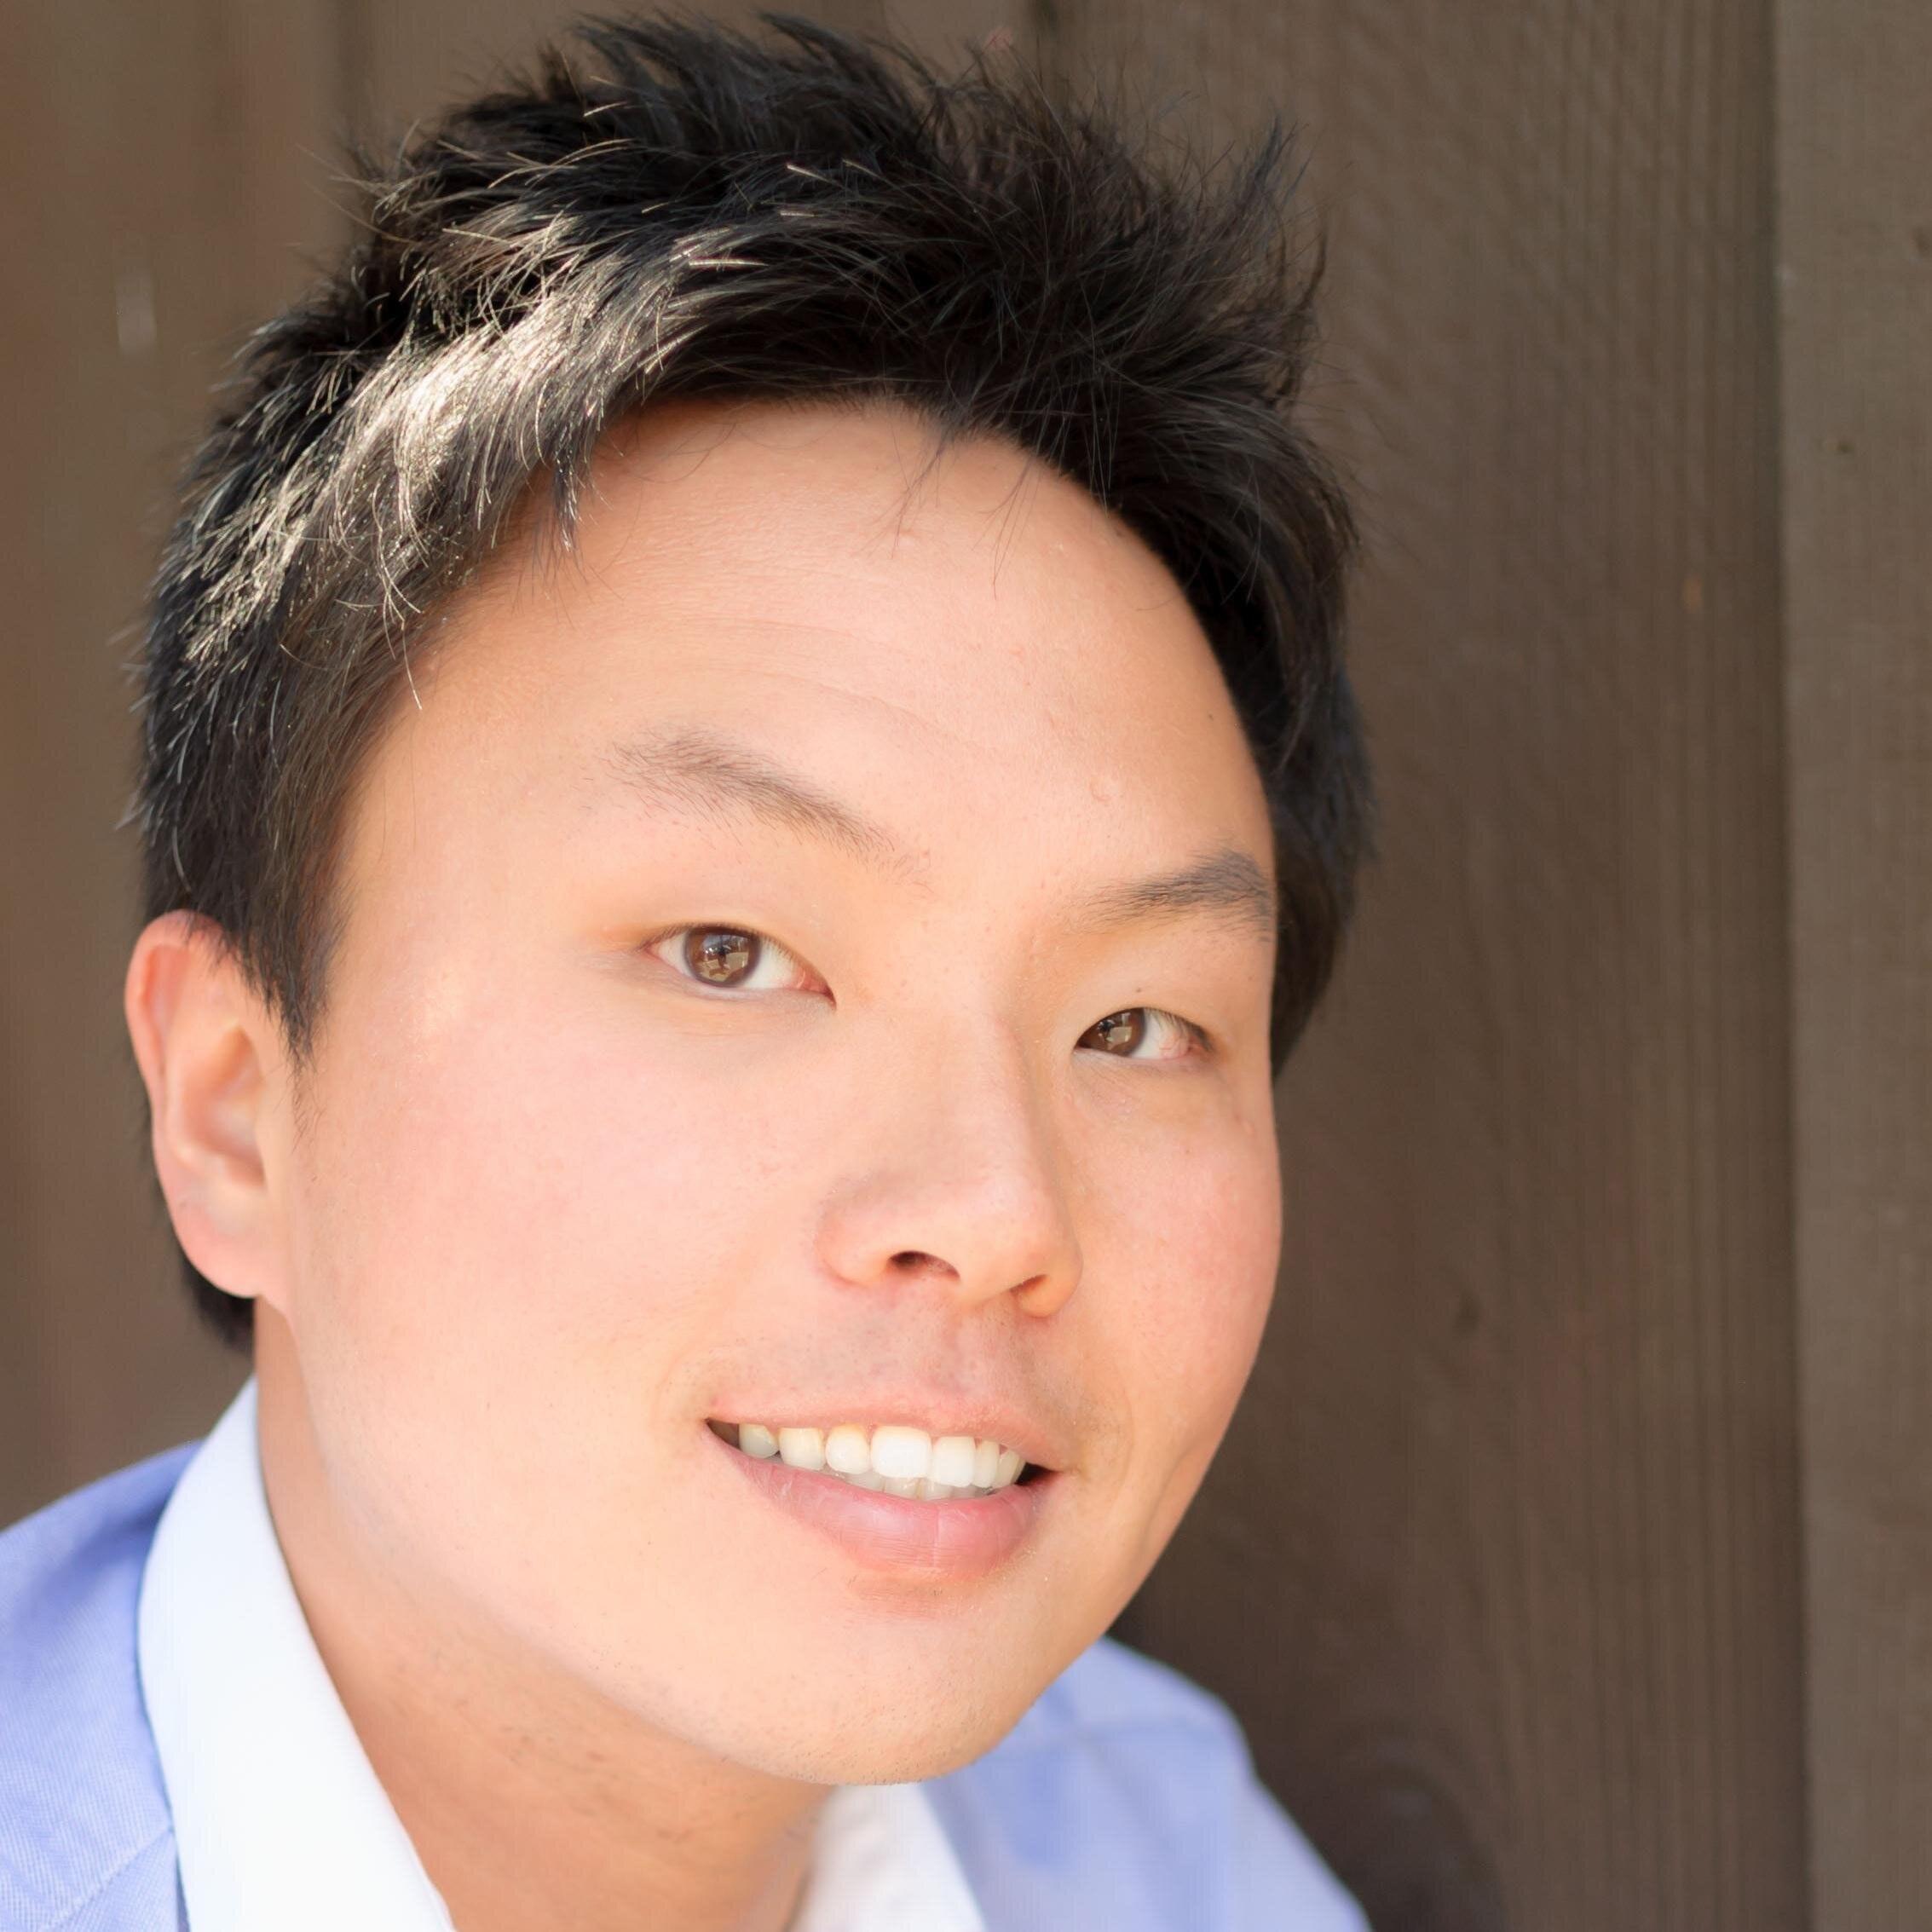 Tommy Tsai